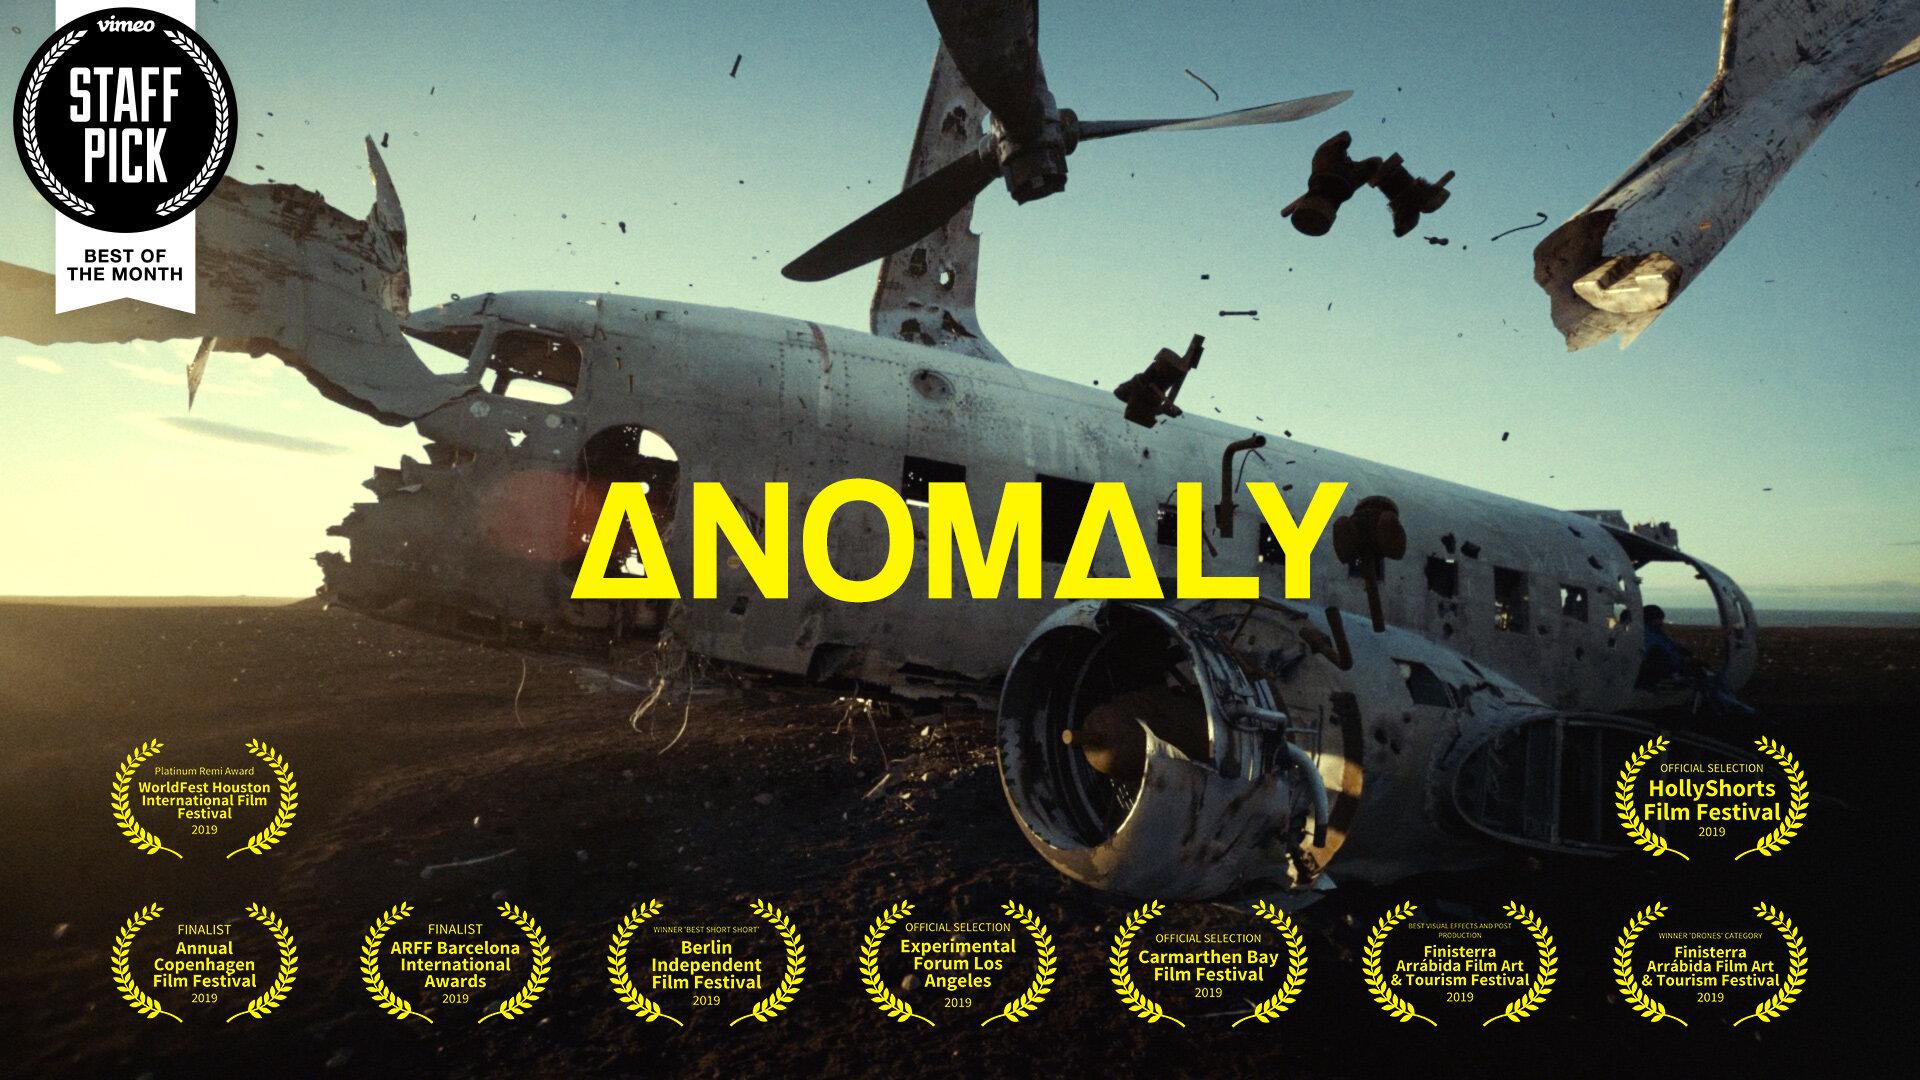 ANOMALY - A short film by Filmmaker Jacco Kliesch from Nürnberg